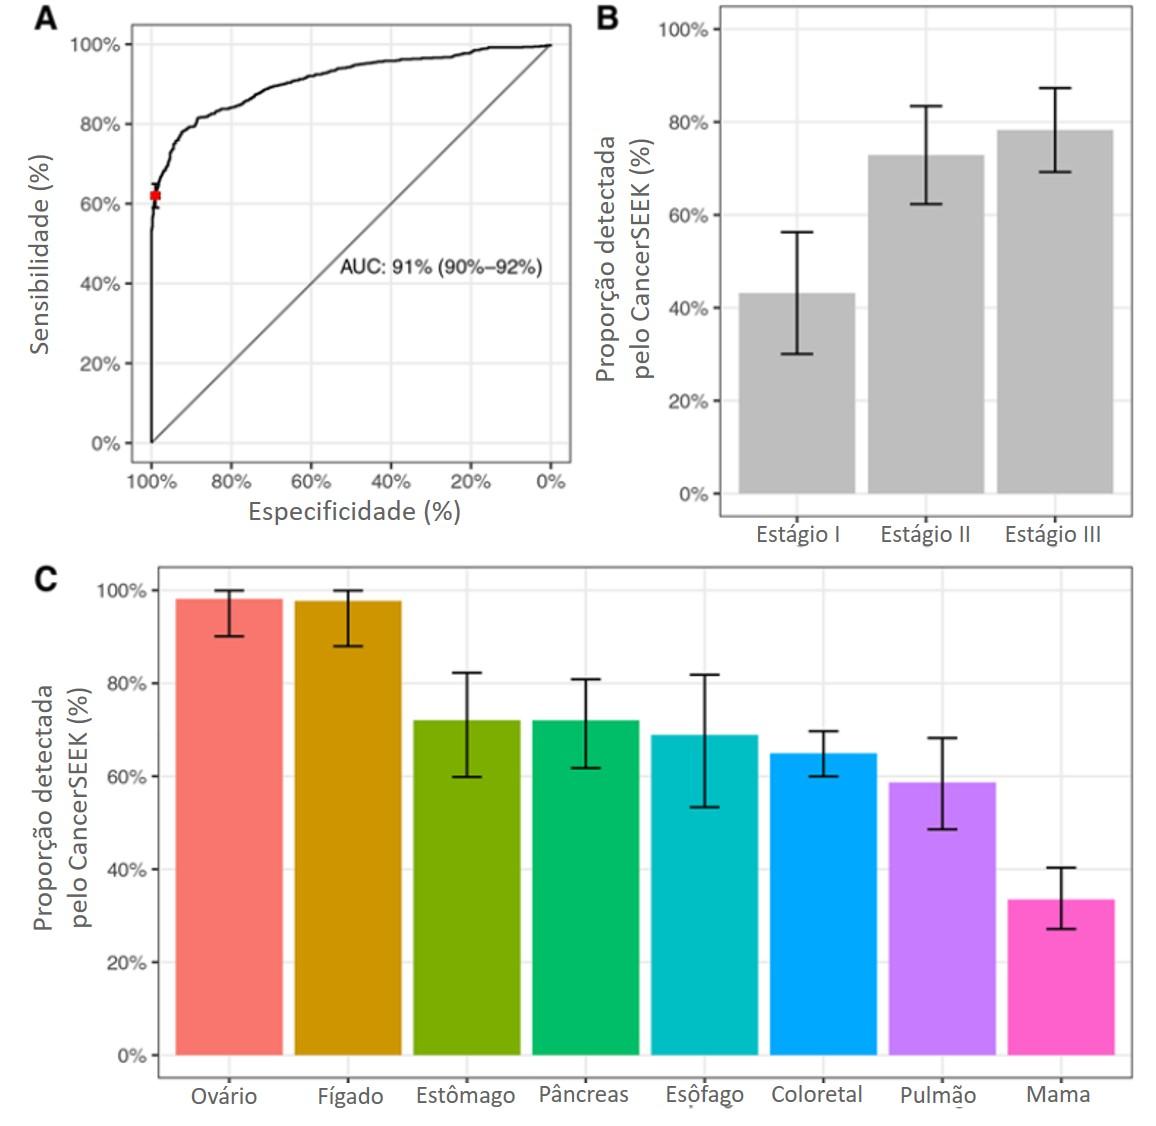 (A) Cuva ROC da performance do CancerSEEK. O ponto vermelho na curva mostra a média de performance do teste (62%) com uma especificidade acima de 99%. (B) Sensibilidade do CancerSEEK por estágio da doença. (C) Sensibilidade do CancerSEEK por tipo de câncer.